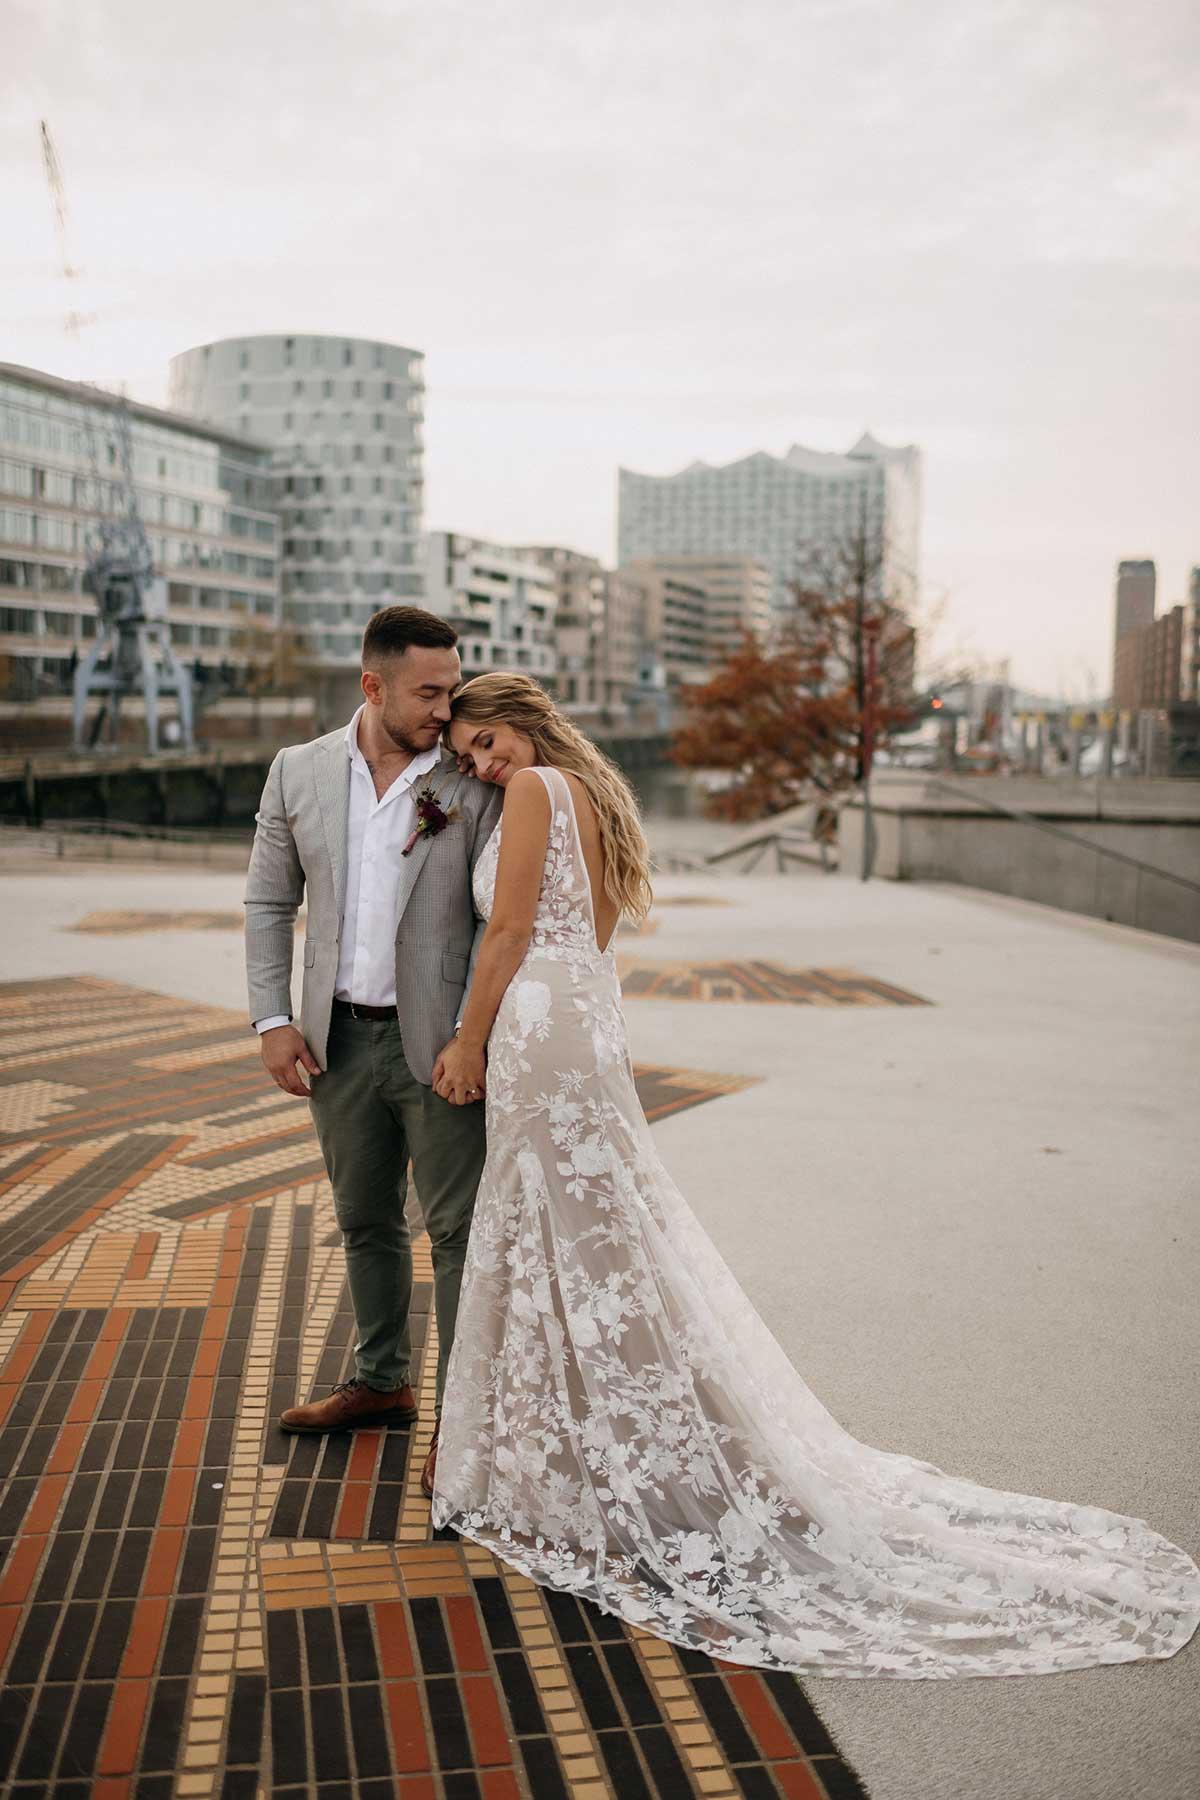 Braut und Bräutigam beim Paar-Fotoshooting in der Hafencity